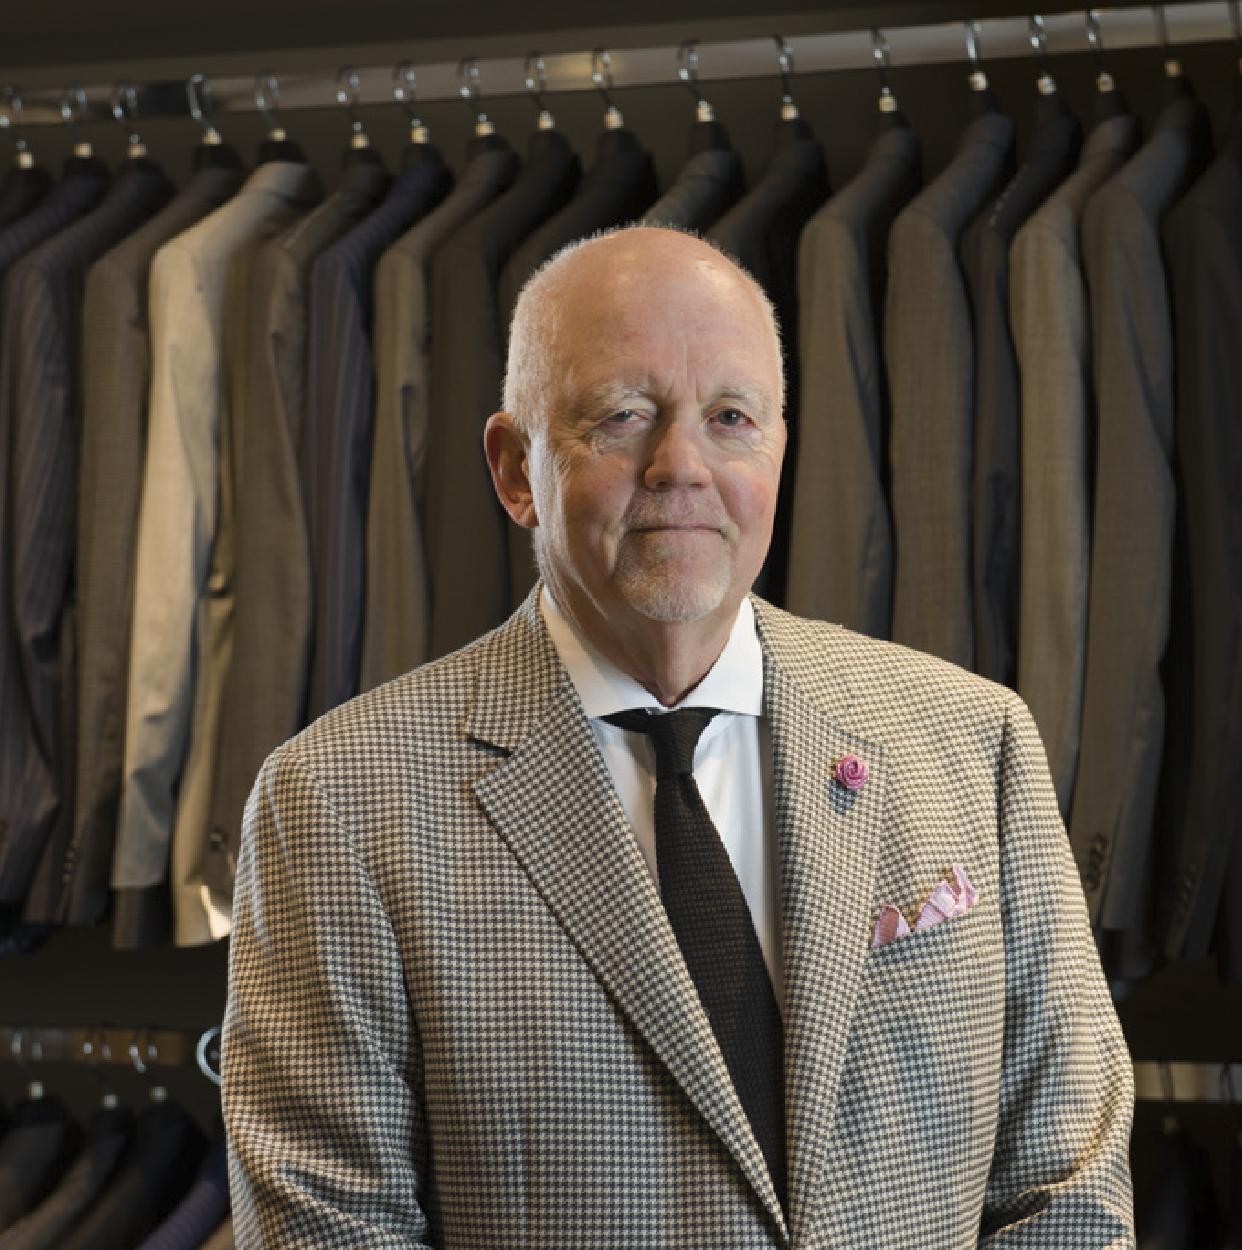 TOM ALLEN - Clothing Director